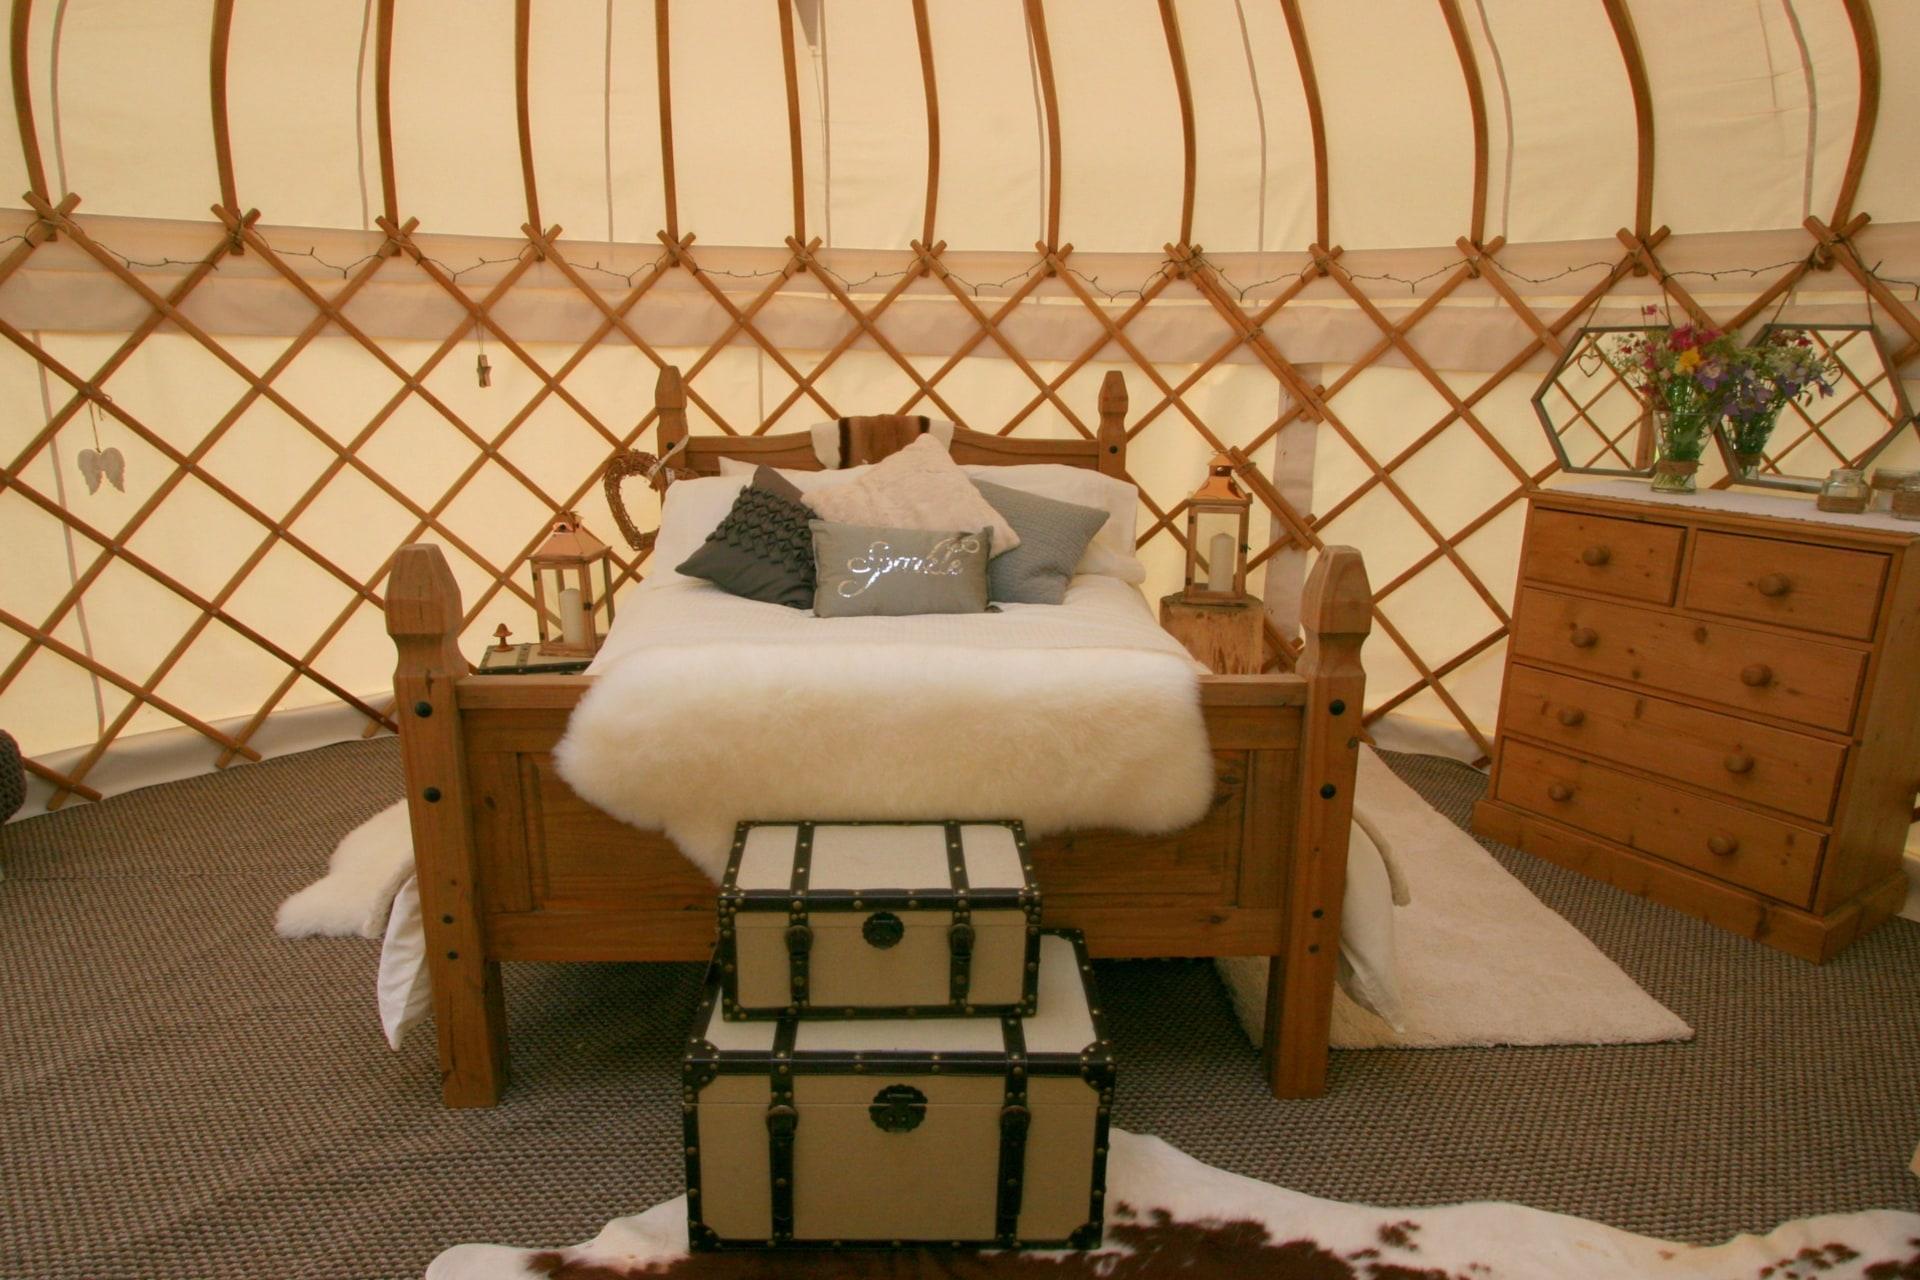 Jubilee Yurt | Glamping Yurts In Northants | Sleeps 2 | Quality Unearthed